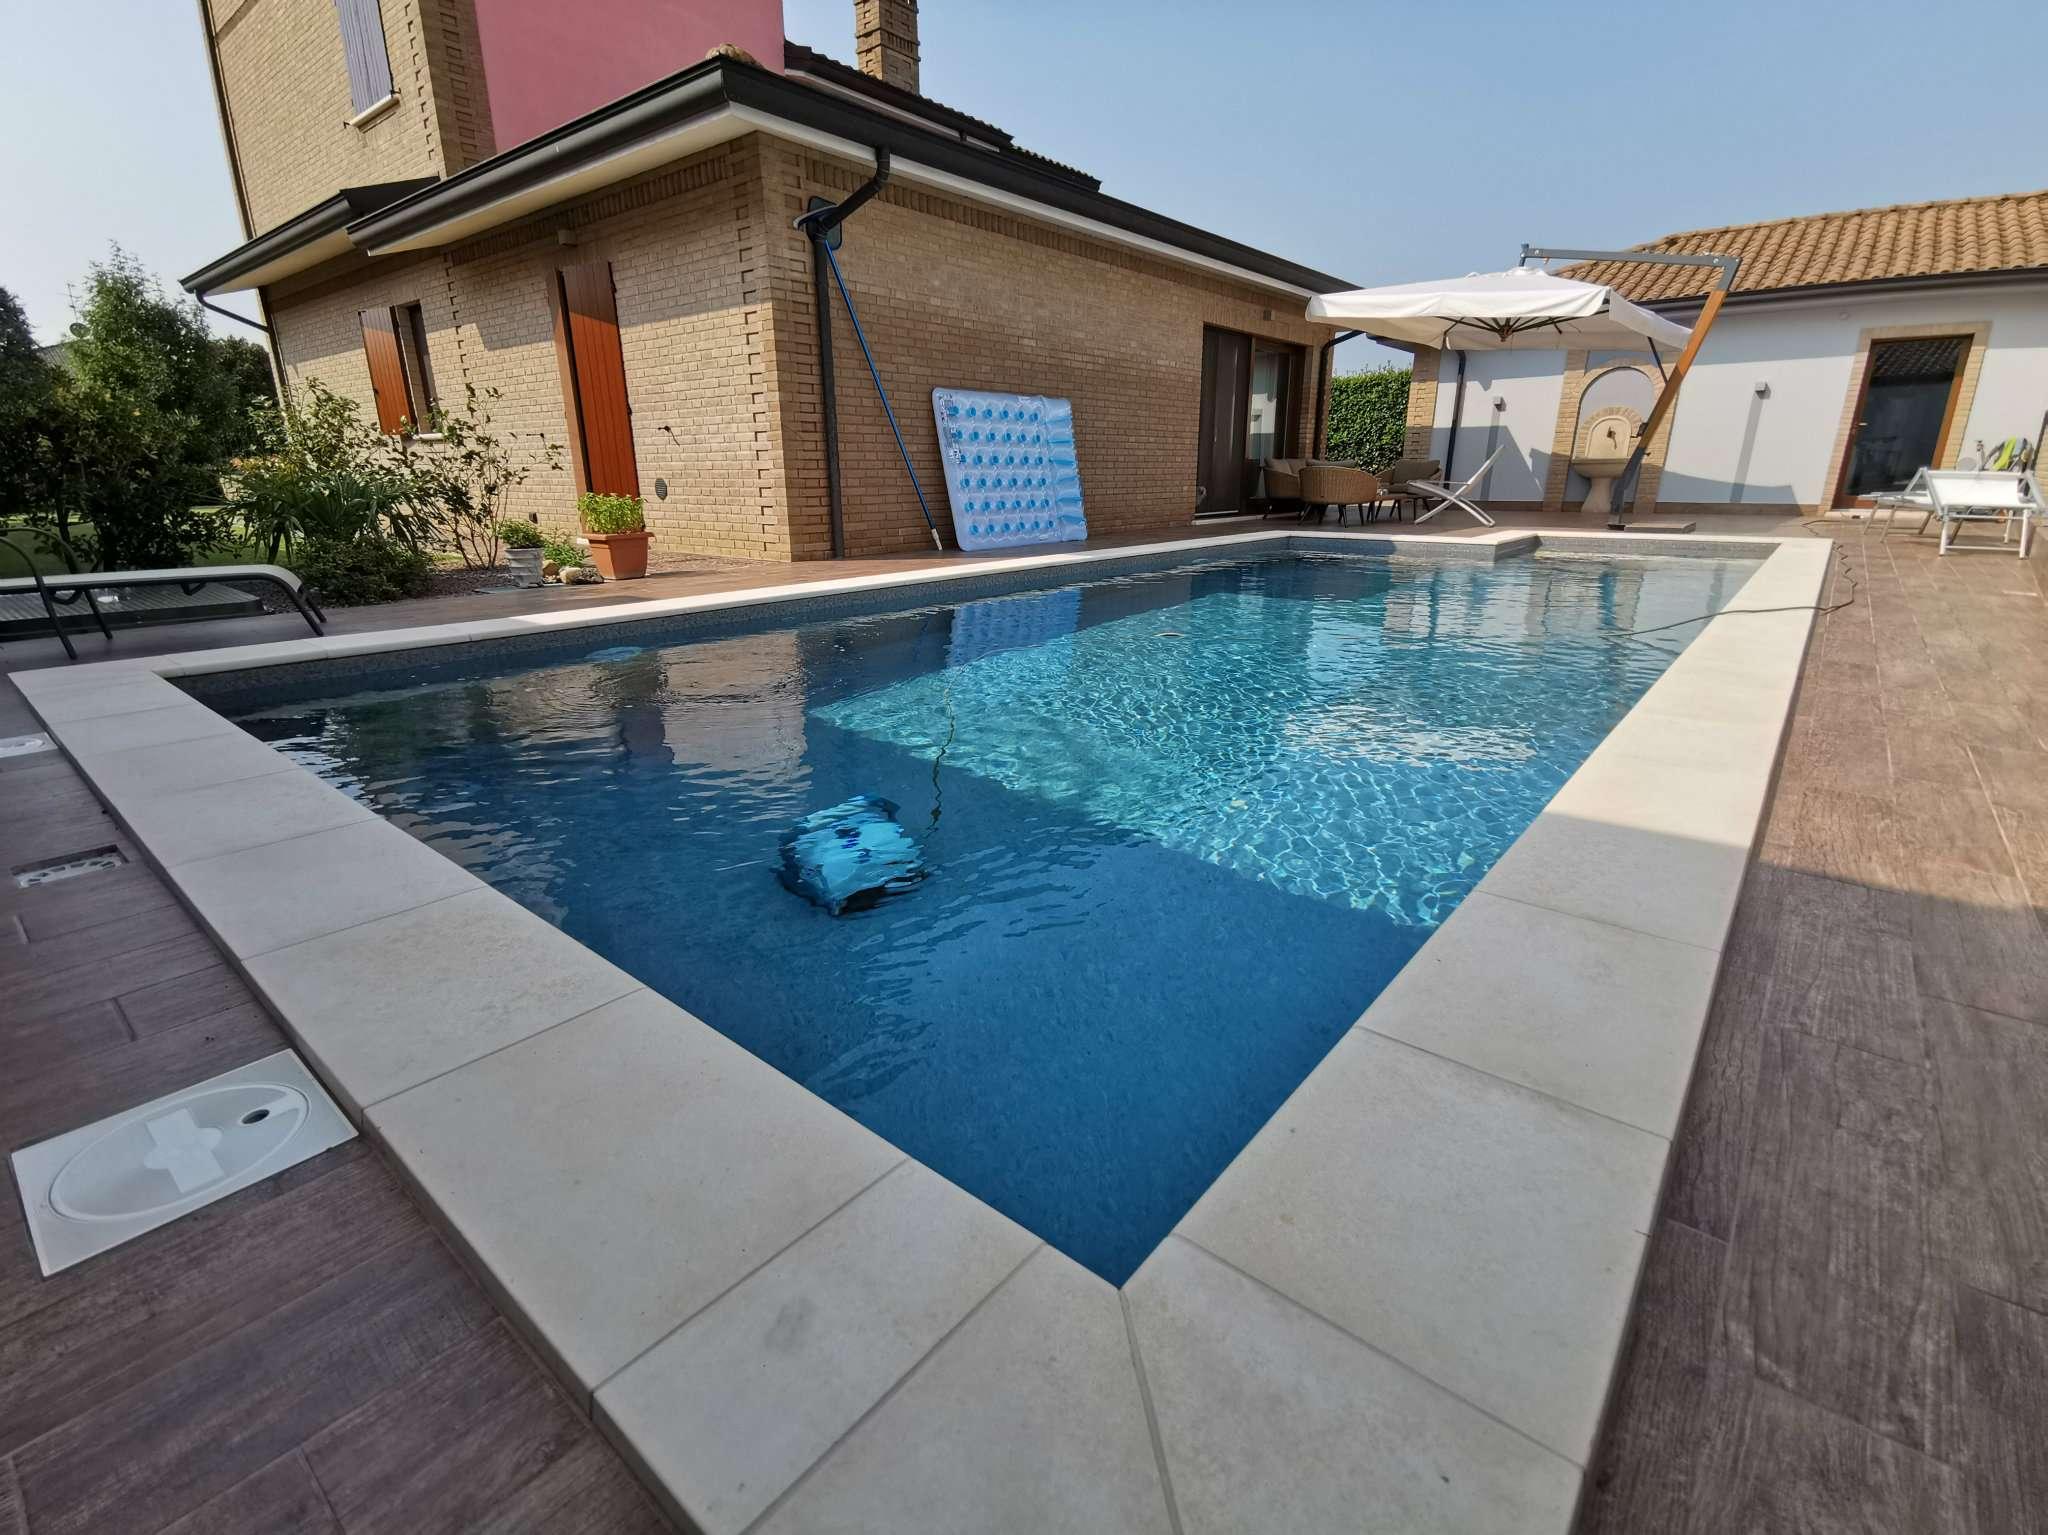 Villa in vendita a Misano di Gera d'Adda, 5 locali, prezzo € 550.000 | PortaleAgenzieImmobiliari.it